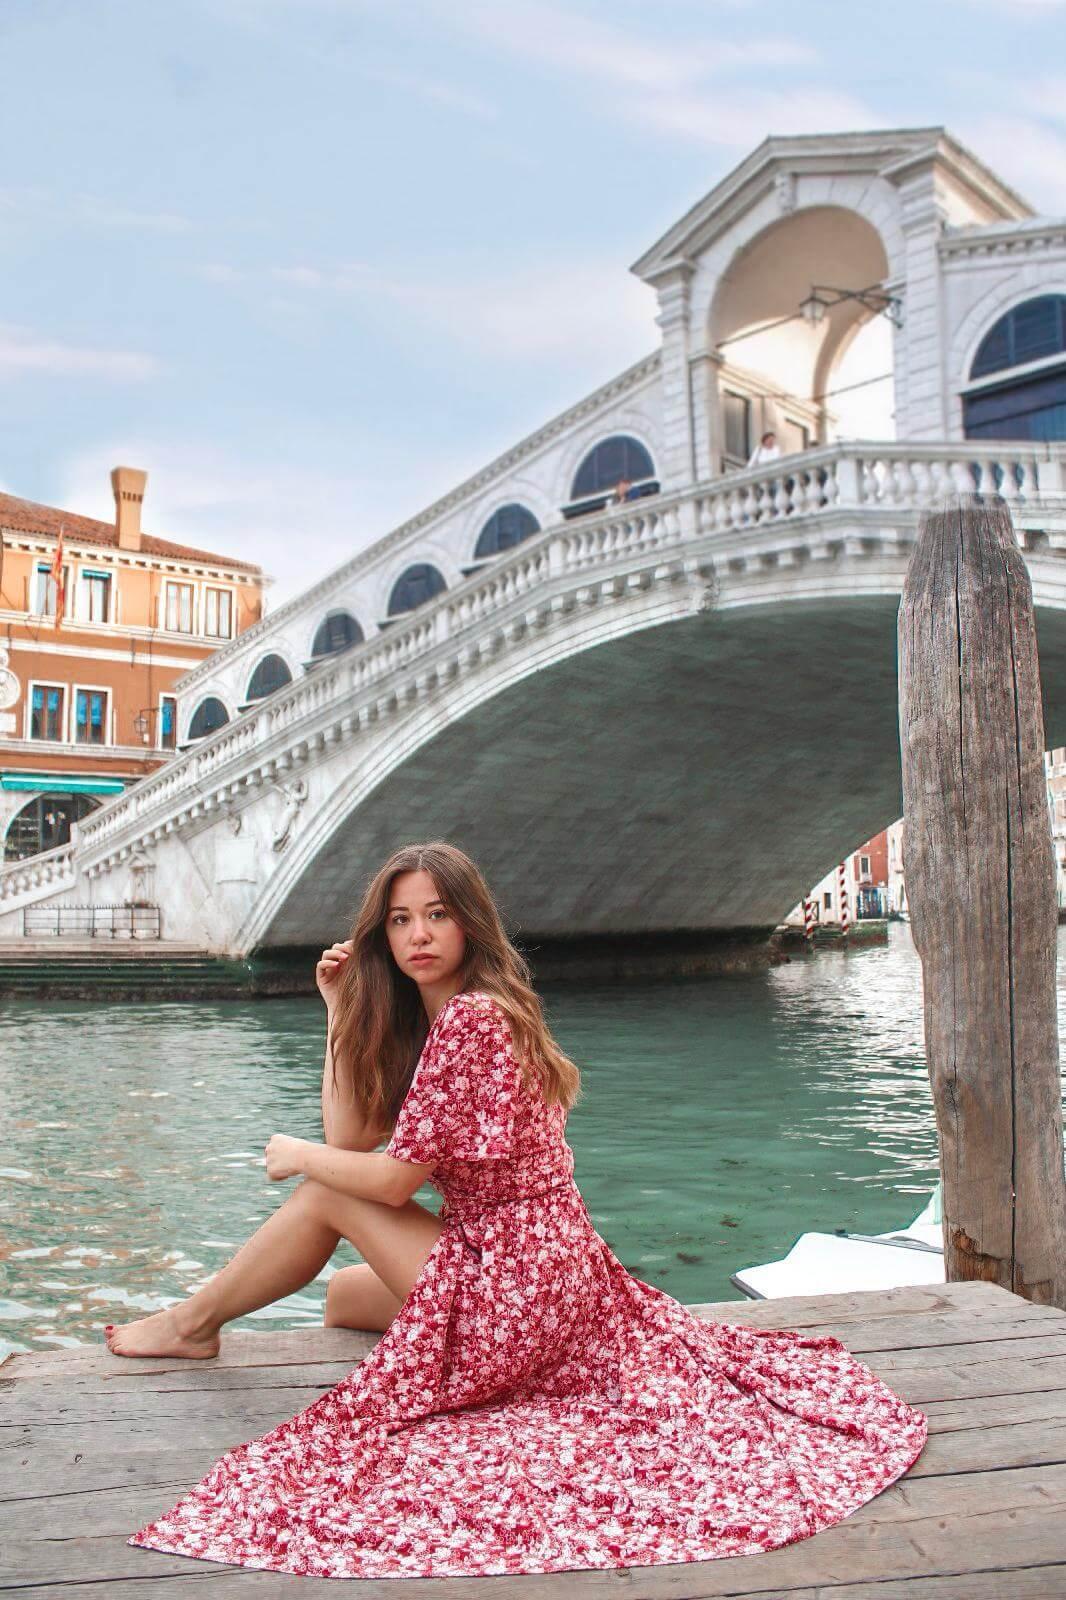 Die 5 schönsten Sehenswürdigkeiten & Fotolocations in Venedig und Wie du den Touristenandrang in Venedig umgehst